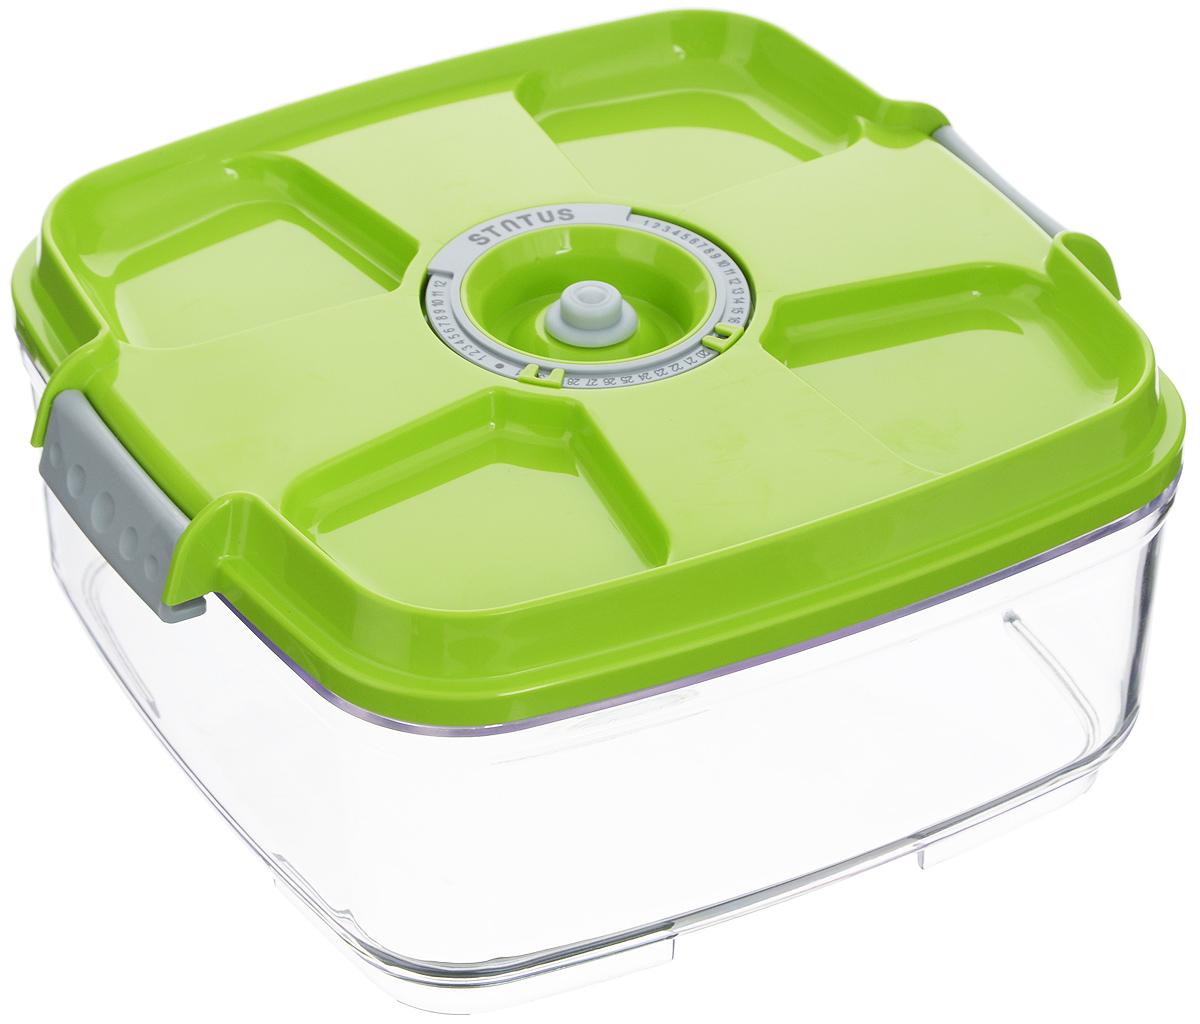 """Вакуумный контейнер """"Status"""" выполнен из  хрустально-прозрачного прочного тритана.  Благодаря вакууму, продукты не подвергаются  внешнему воздействию, и срок хранения  значительно увеличивается, сохраняют свои  вкусовые качества и аромат, а  запахи в холодильнике не перемешиваются.  Допускается замораживание до -21°C, мойка  контейнера в посудомоечной машине, разогрев в  СВЧ (без крышки).  Рекомендовано хранение следующих продуктов:  макаронные изделия, крупа, мука, кофе в зёрнах,  сухофрукты, супы, соусы.  Контейнер имеет индикатор даты, который  позволяет отмечать дату конца срока годности  продуктов. Размер контейнера (с учетом крышки): 22 х 22 х 11 см."""